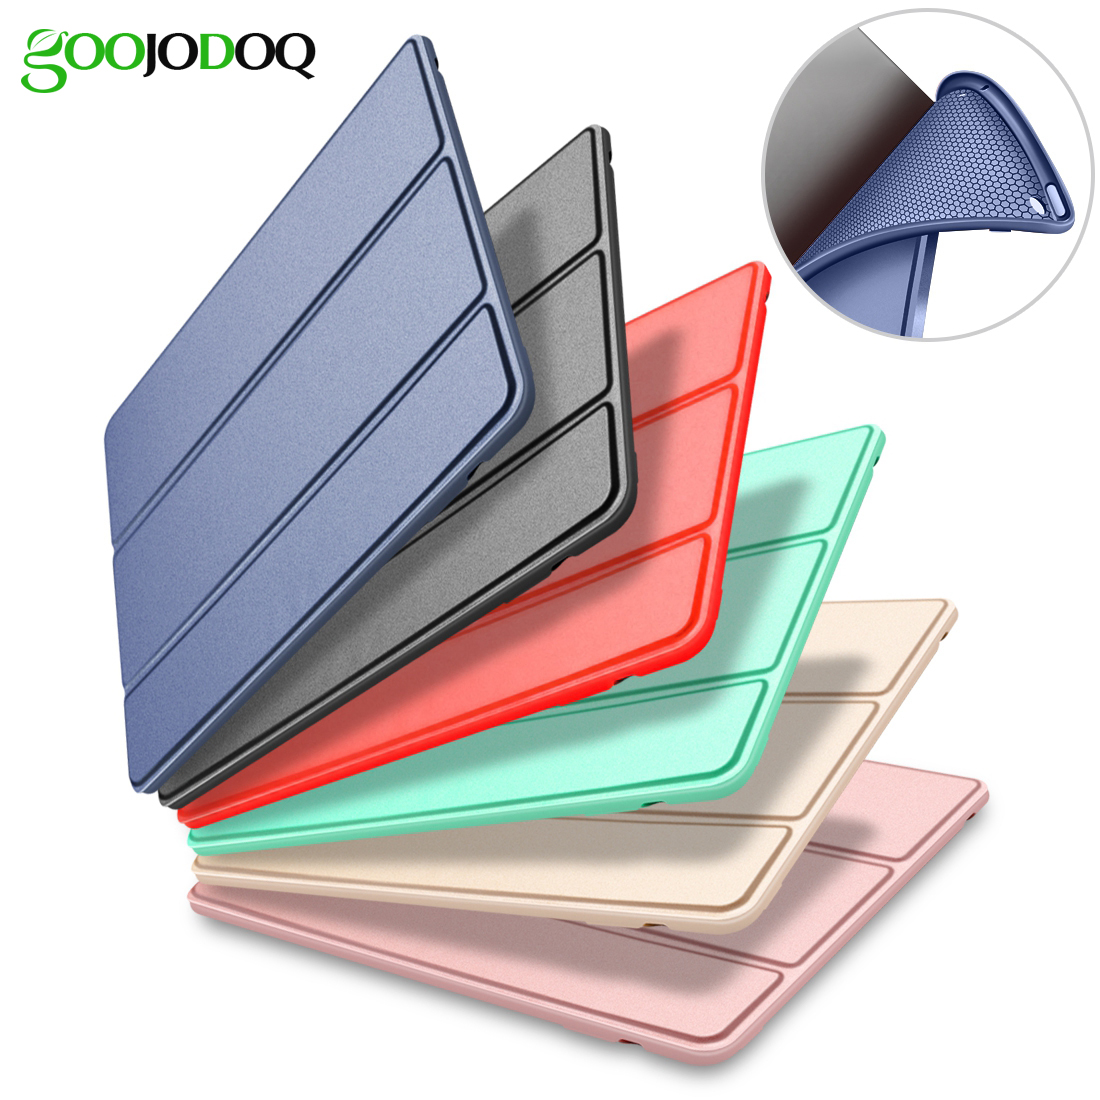 Para el iPad 2/3/4 funda silicona suave Folio con Auto Sleep/Wake Up cuero de la PU de la cubierta elegante para el iPad 3 4 2 caso